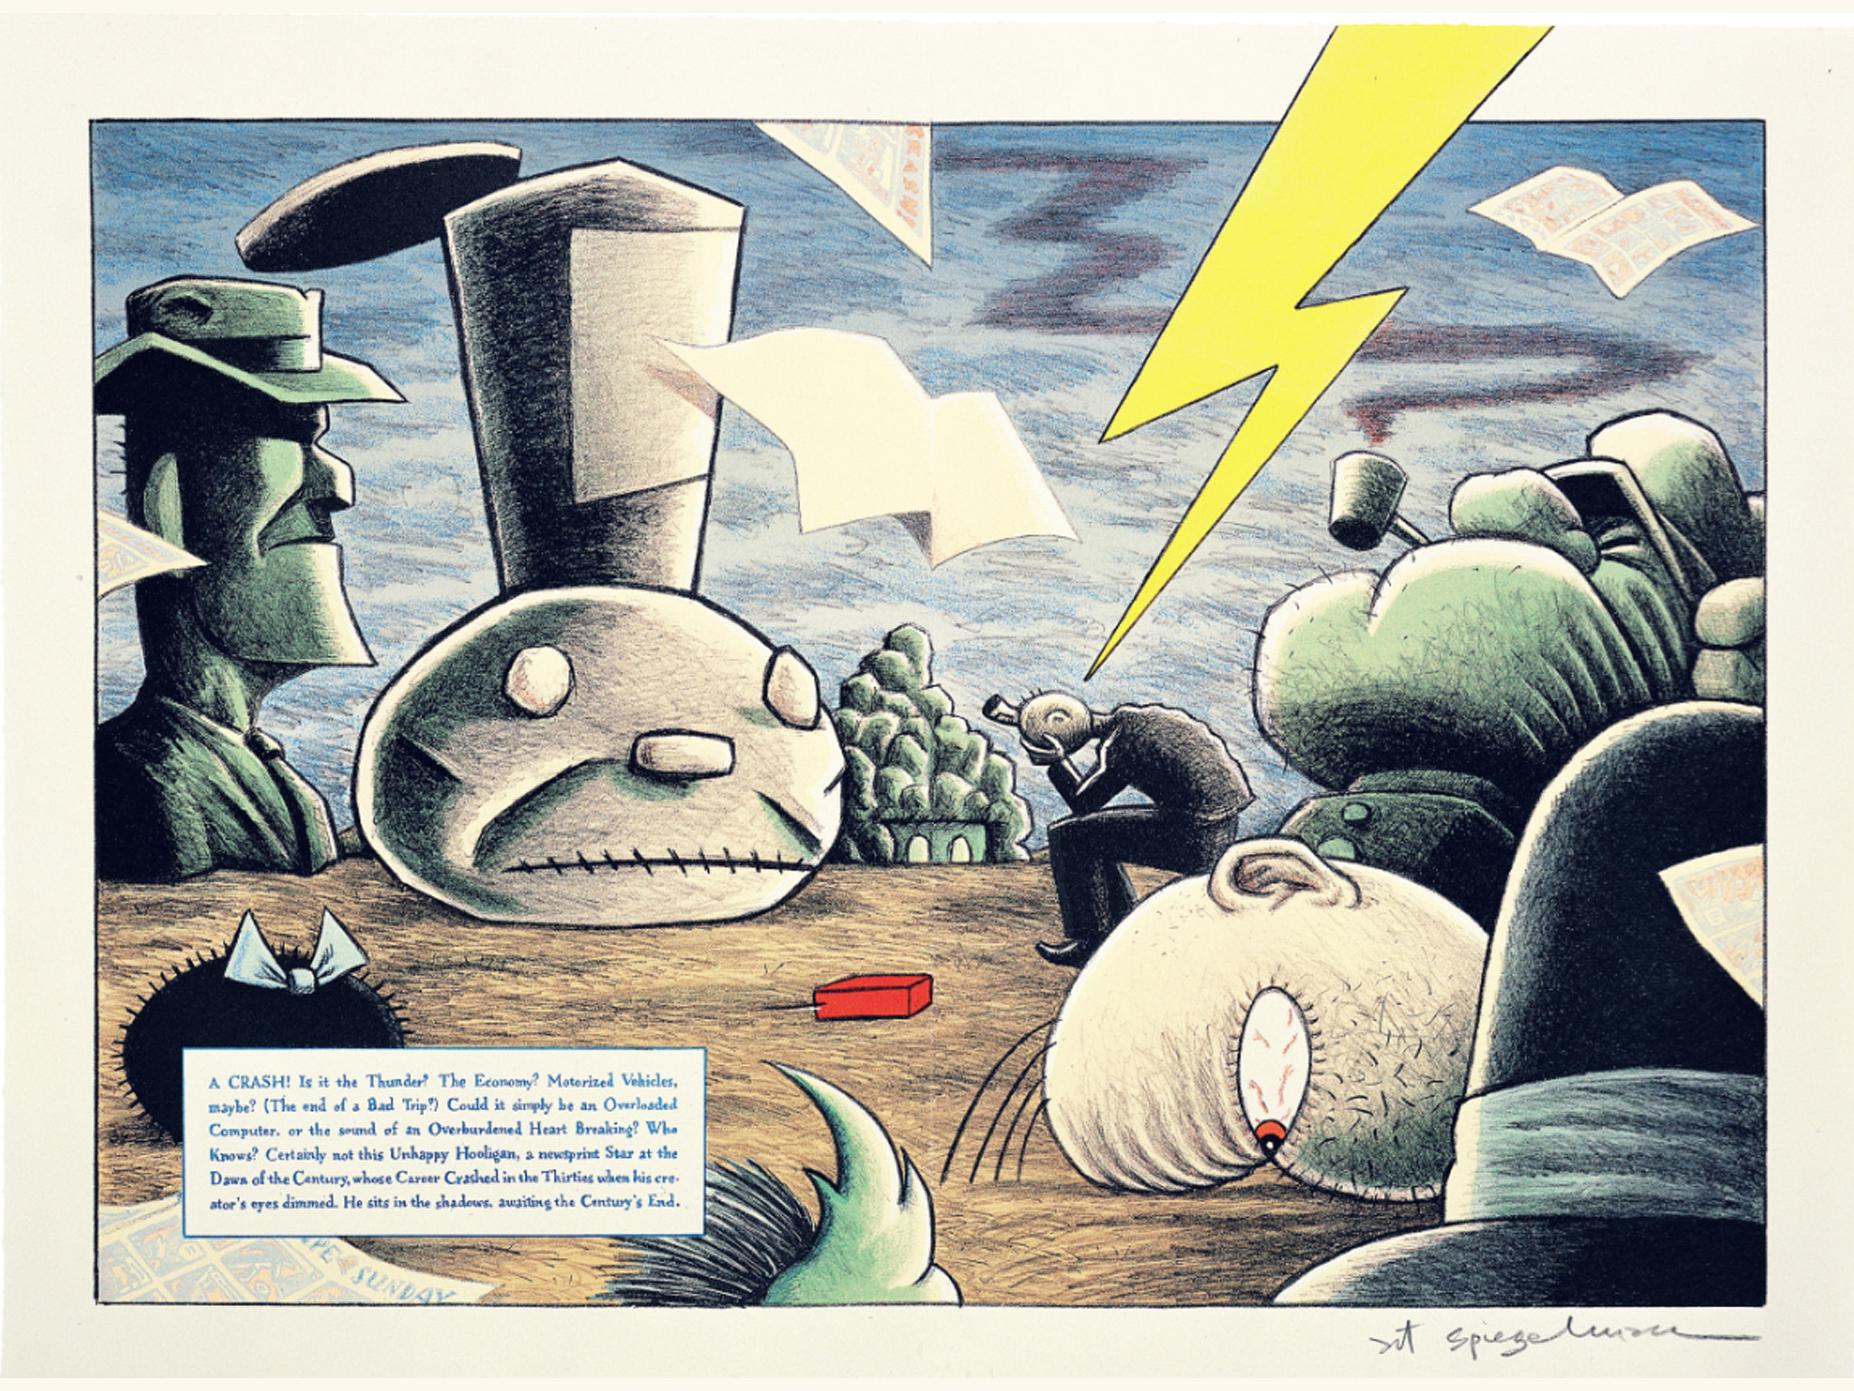 Art Spiegelman, Art Spiegelman,  Lead Pipe Sunday no. 2 (detail), 1997